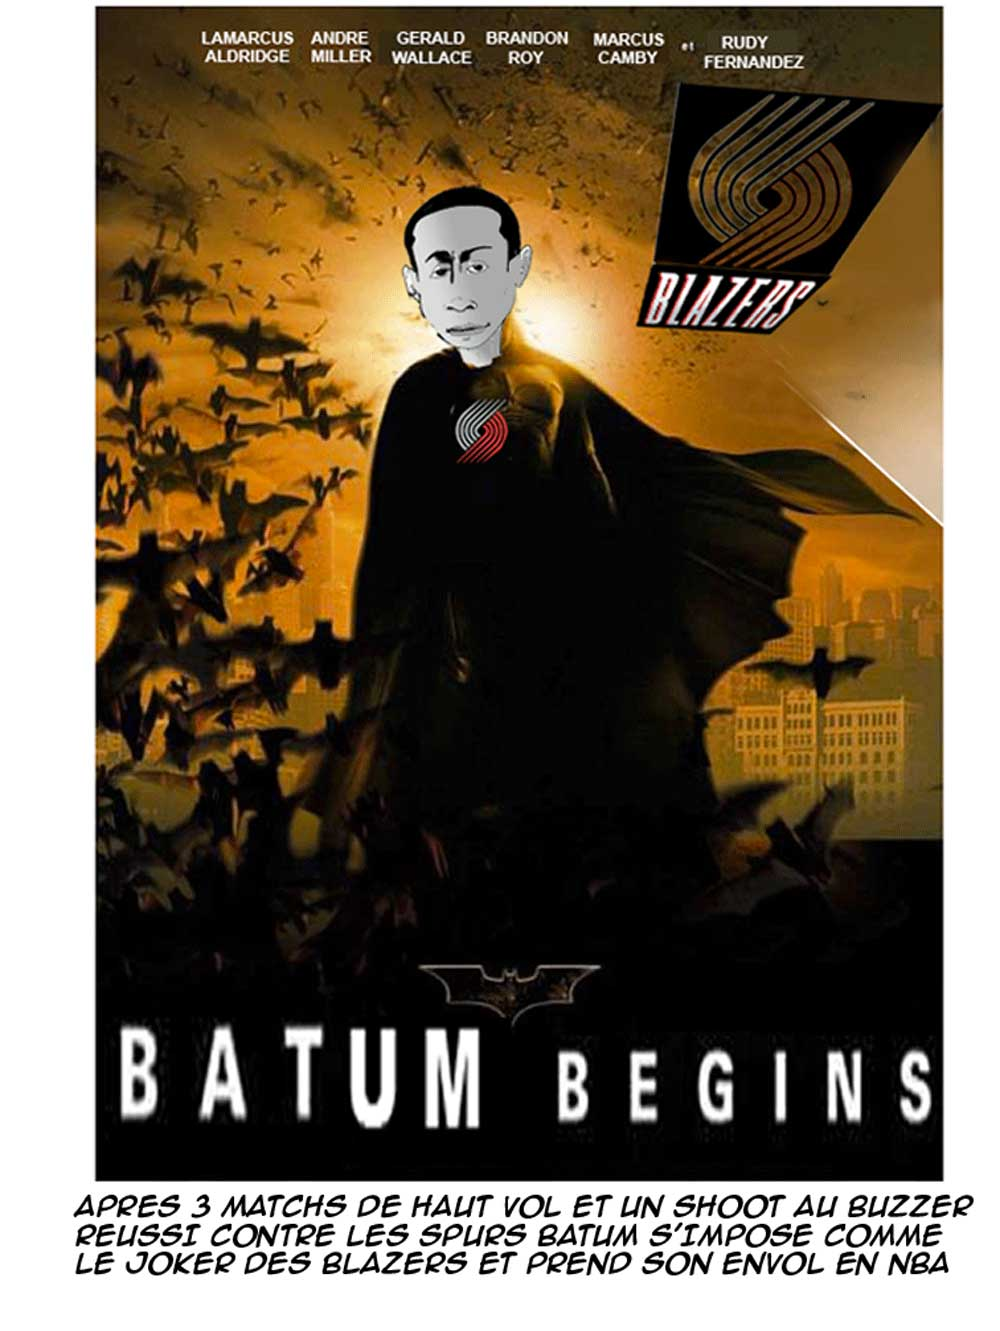 Après 3 matchs de haut vol et un shoot au buzzer réussi contre les Spurs, Batum s'impose comme le joker des Blazers et prend son envol en NBA.